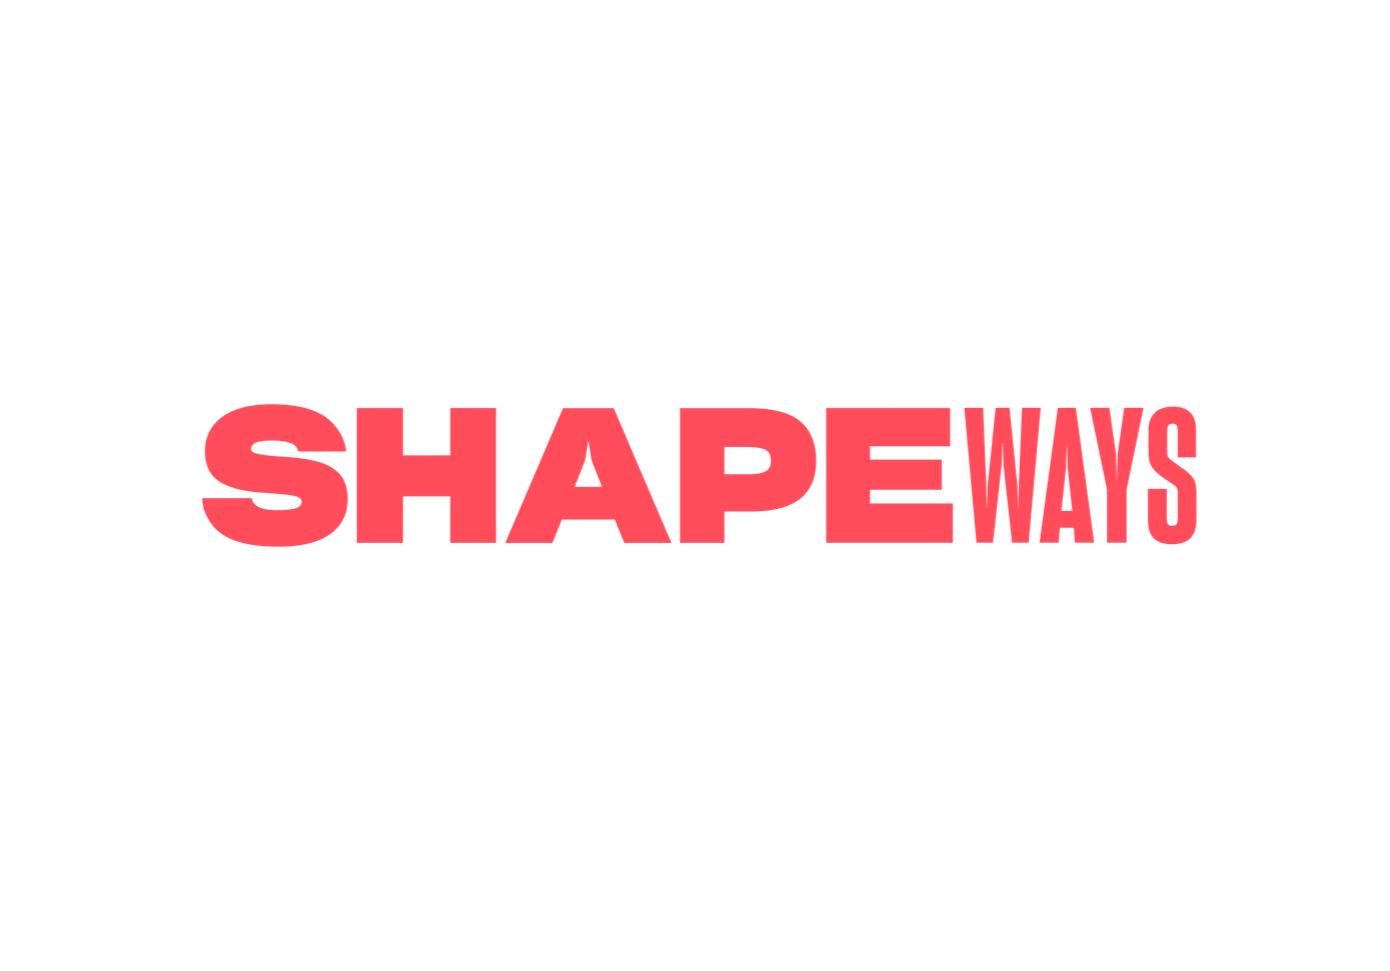 Shapeways tweaks their pricing [Source: Shapeways]